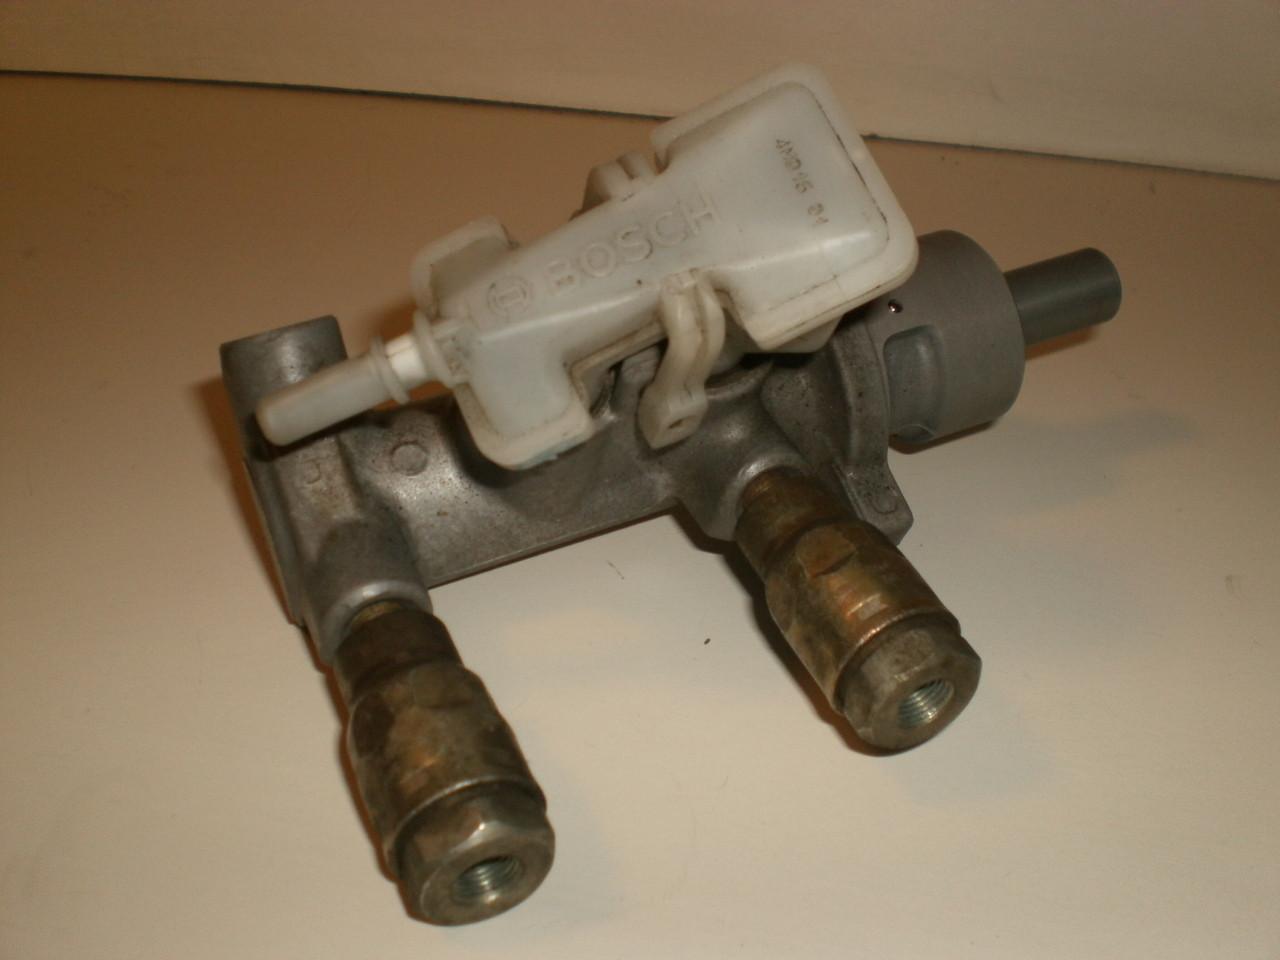 2000 2004 ford focus brake master cylinder w o abs. Black Bedroom Furniture Sets. Home Design Ideas